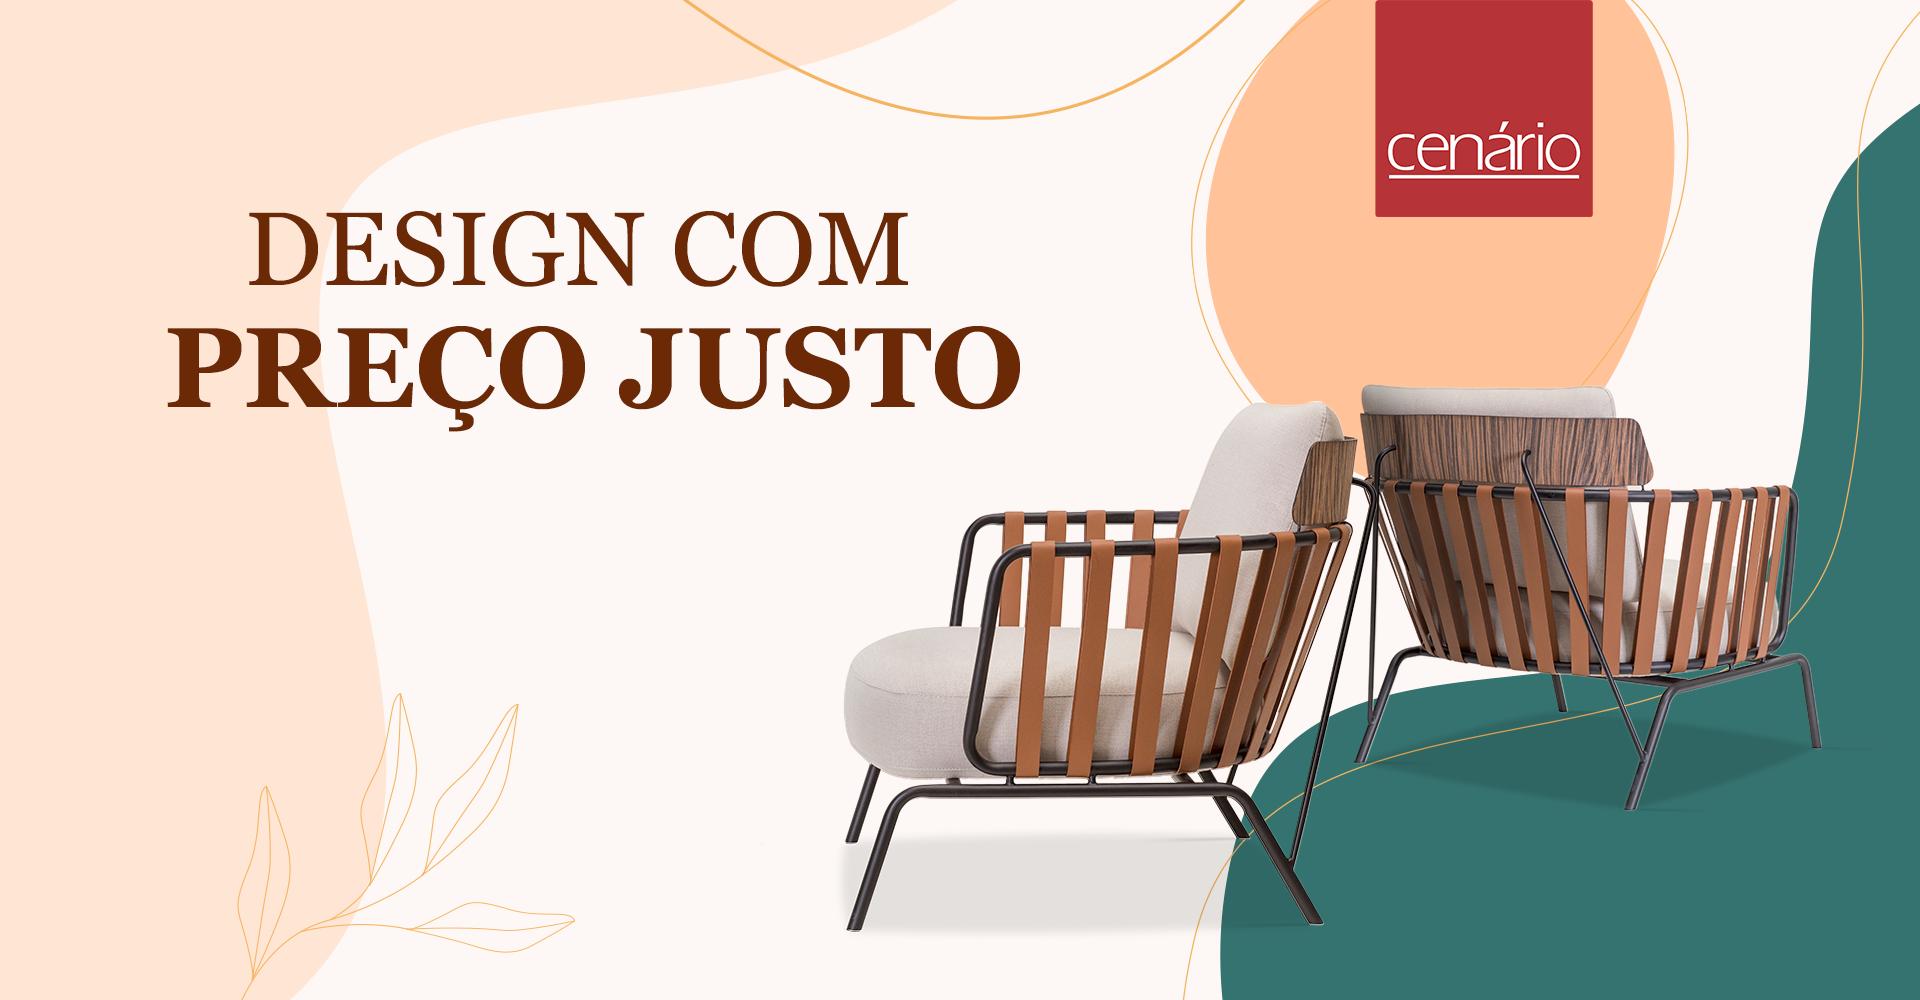 LUCILENE NUNES BORGES DE ARAUJO SILVA – Modelos d mesa | Cenário Móveis - A loja mais completa em móveis finos e de luxo em Goiânia e Brasília